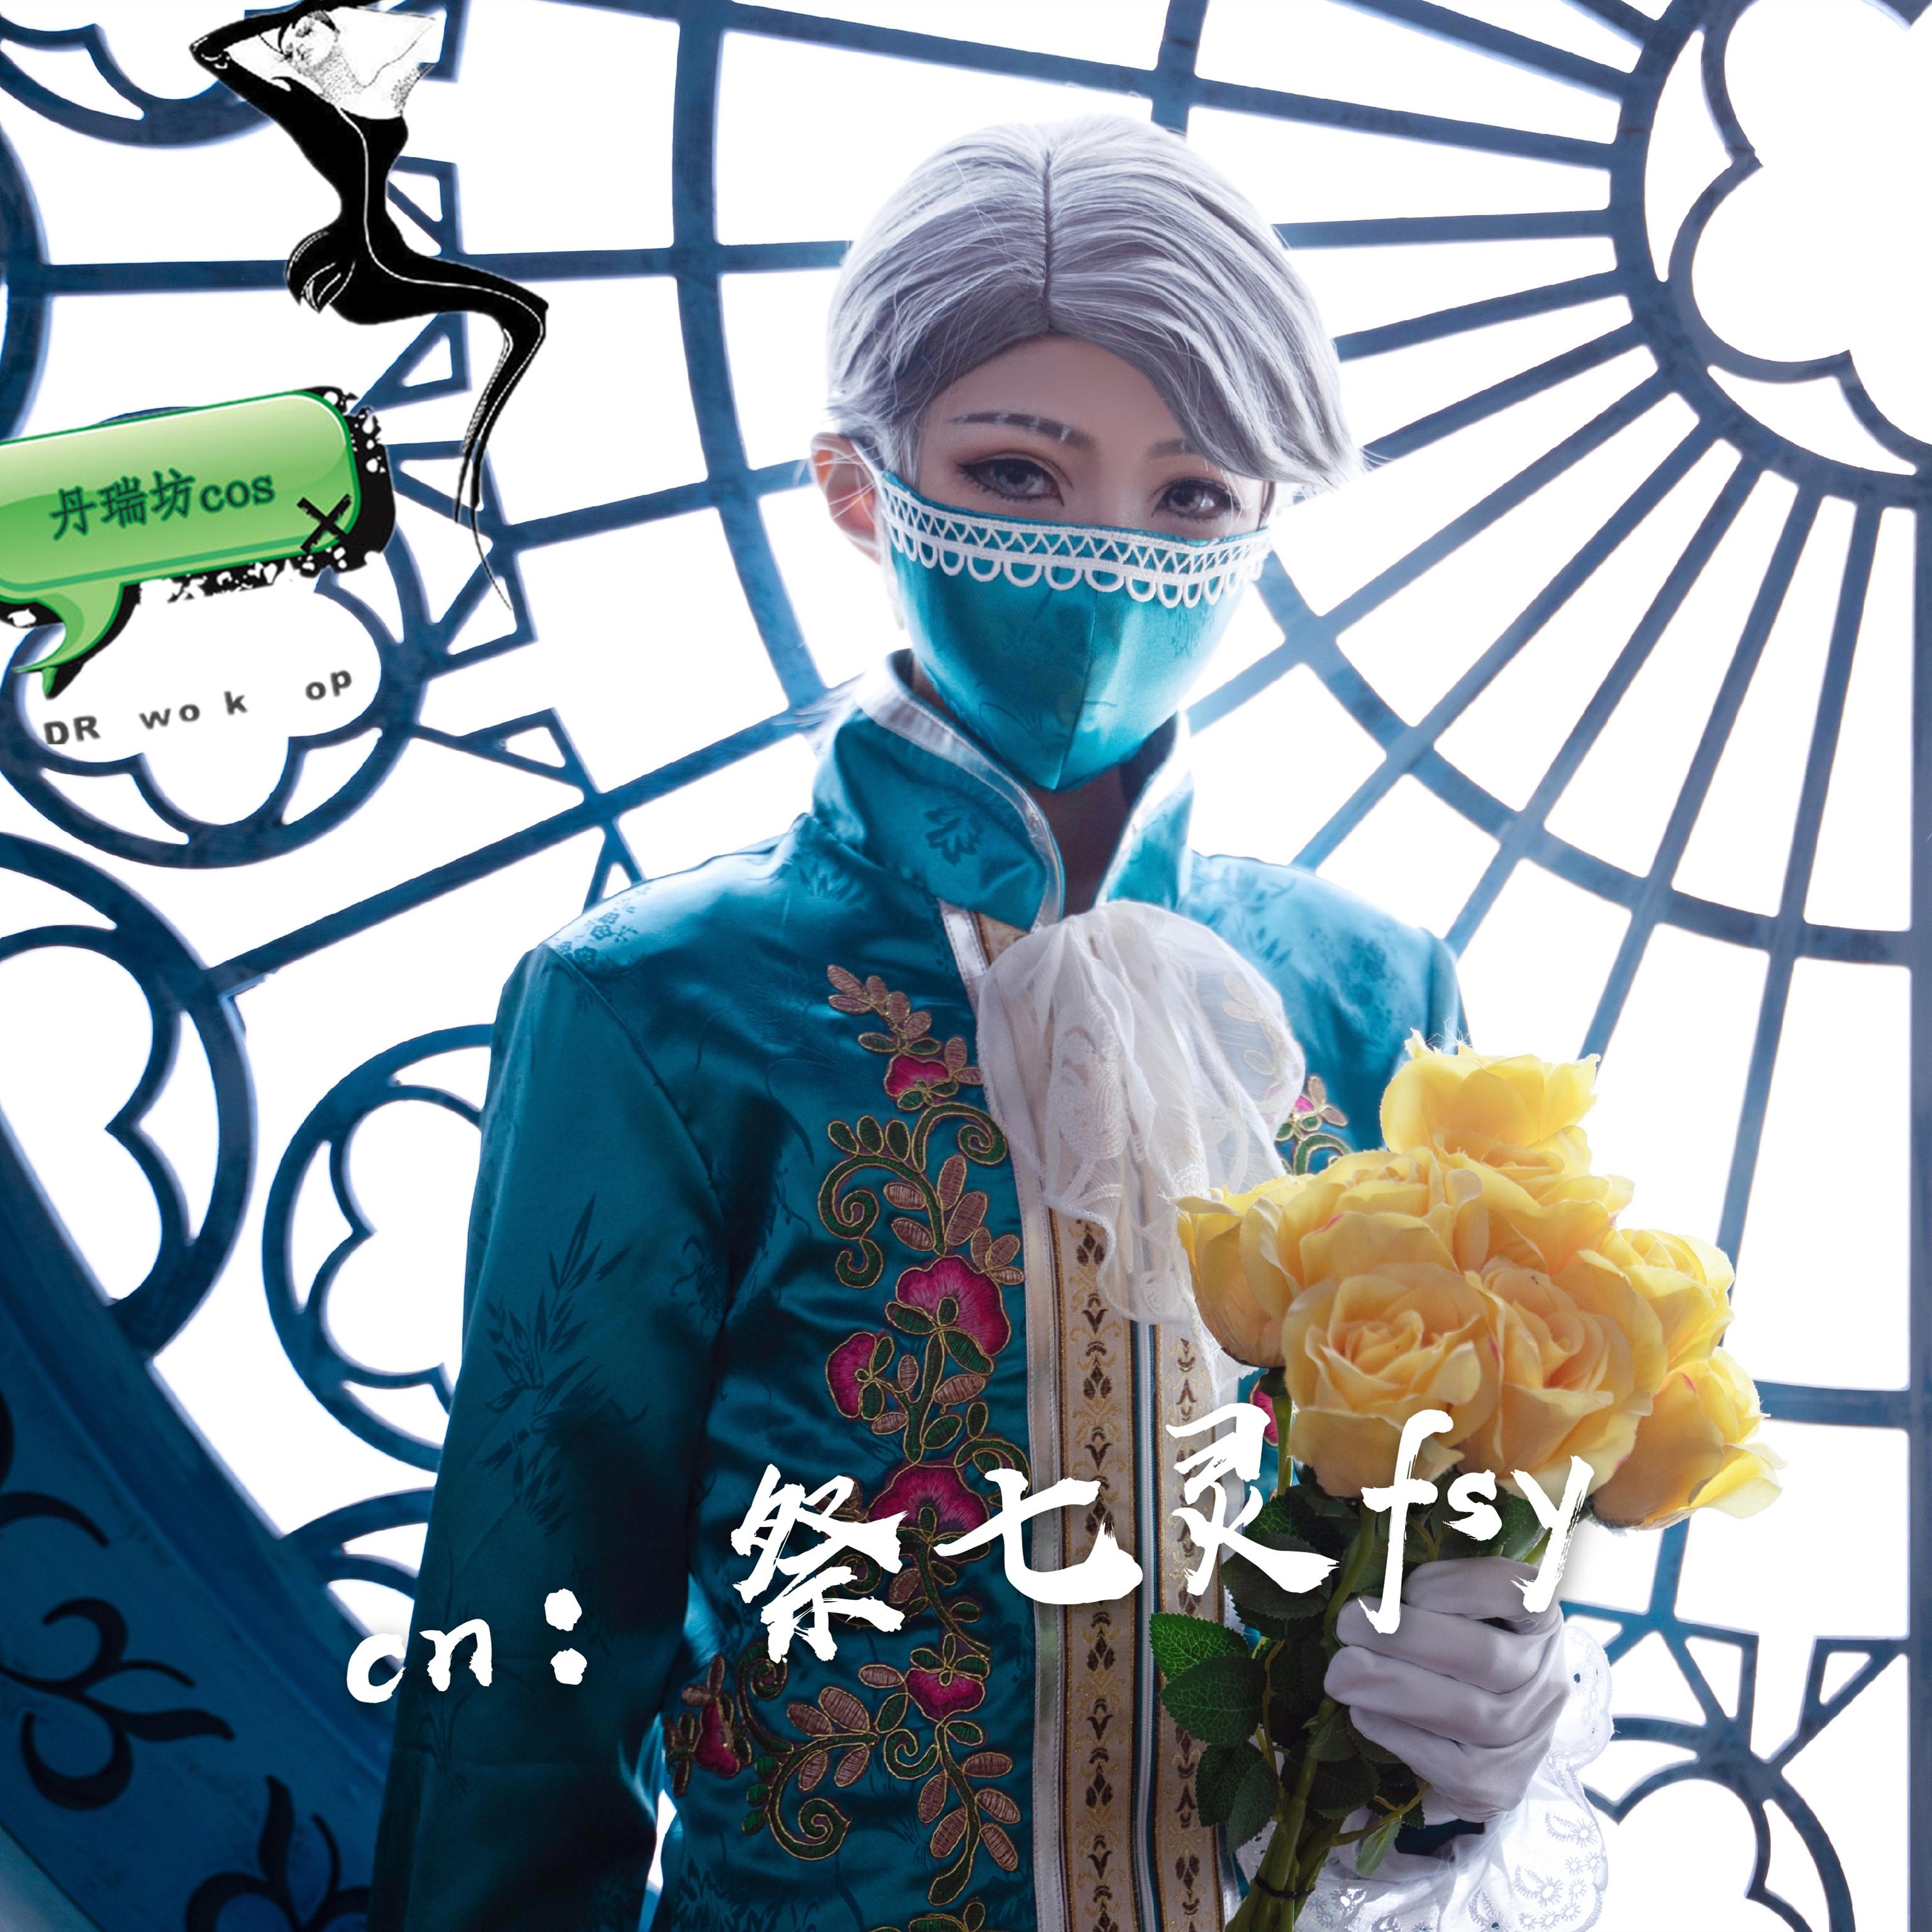 丹瑞坊第五人格服入殓师琴师伊索卡尔服装女现货详细照片